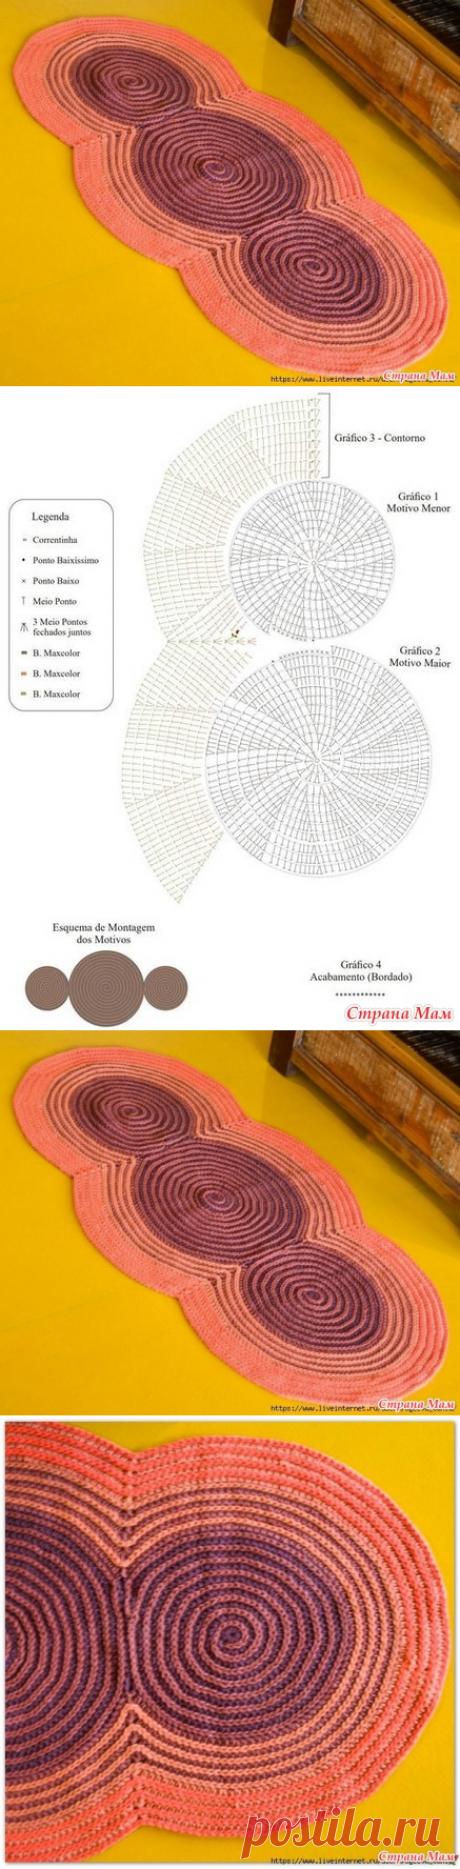 . Оригинальный коврик крючком (идея из интернета) - Вязание - Страна Мам